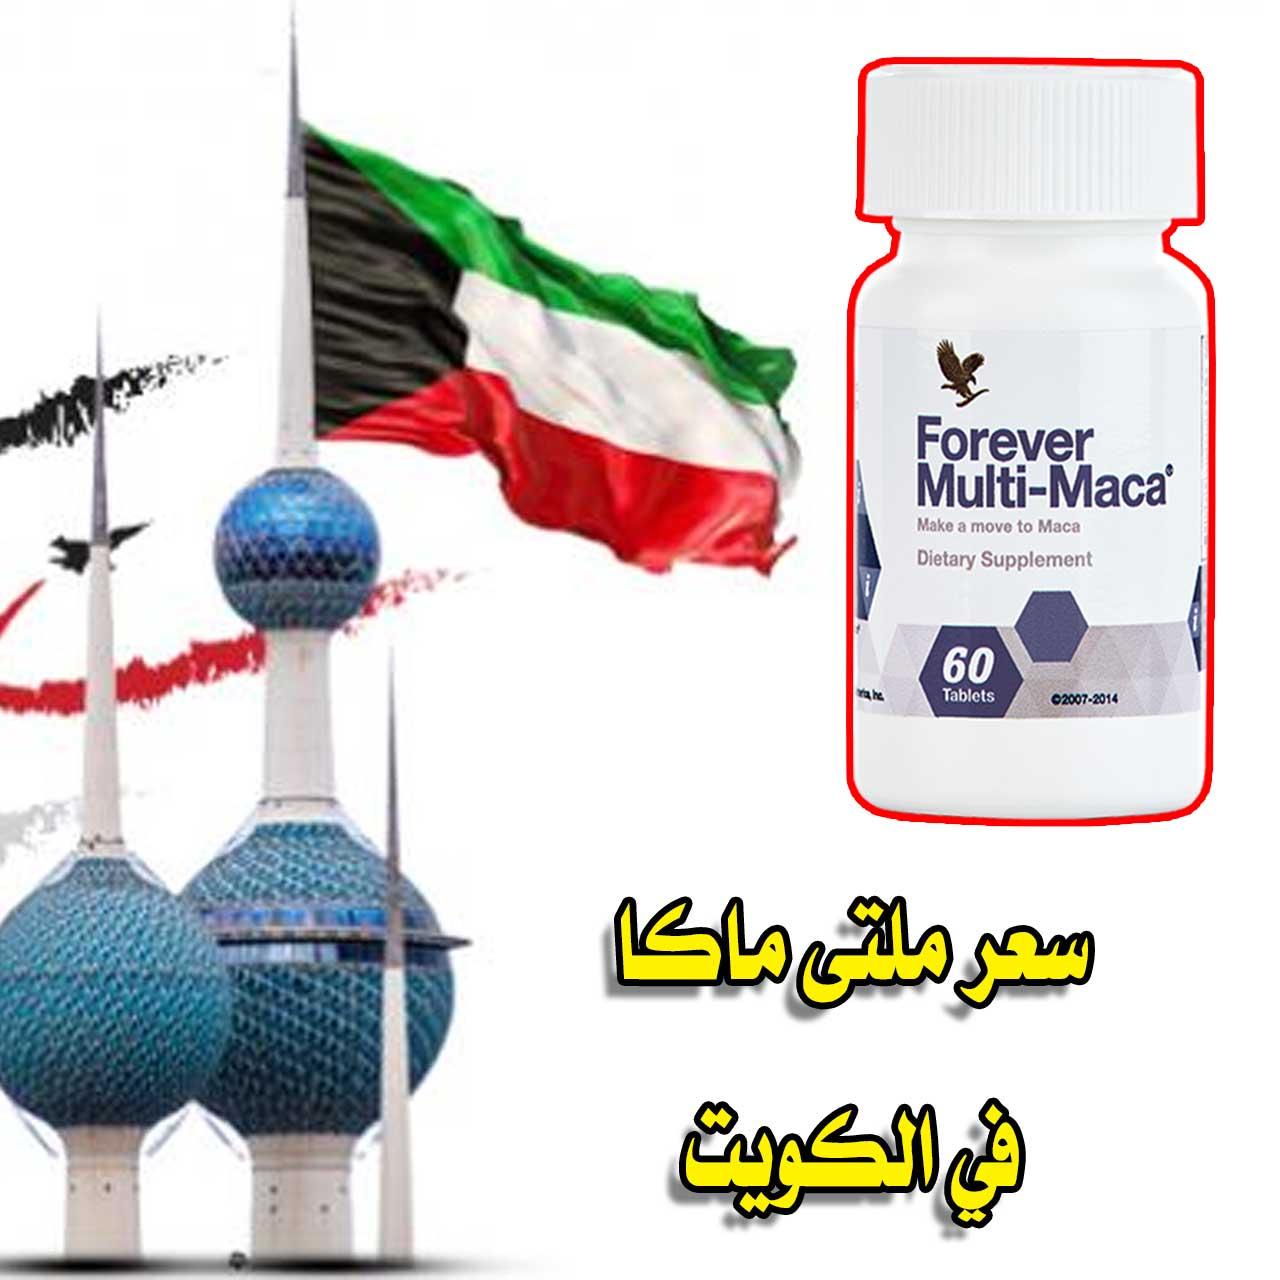 سعر ملتي ماكا في الكويت